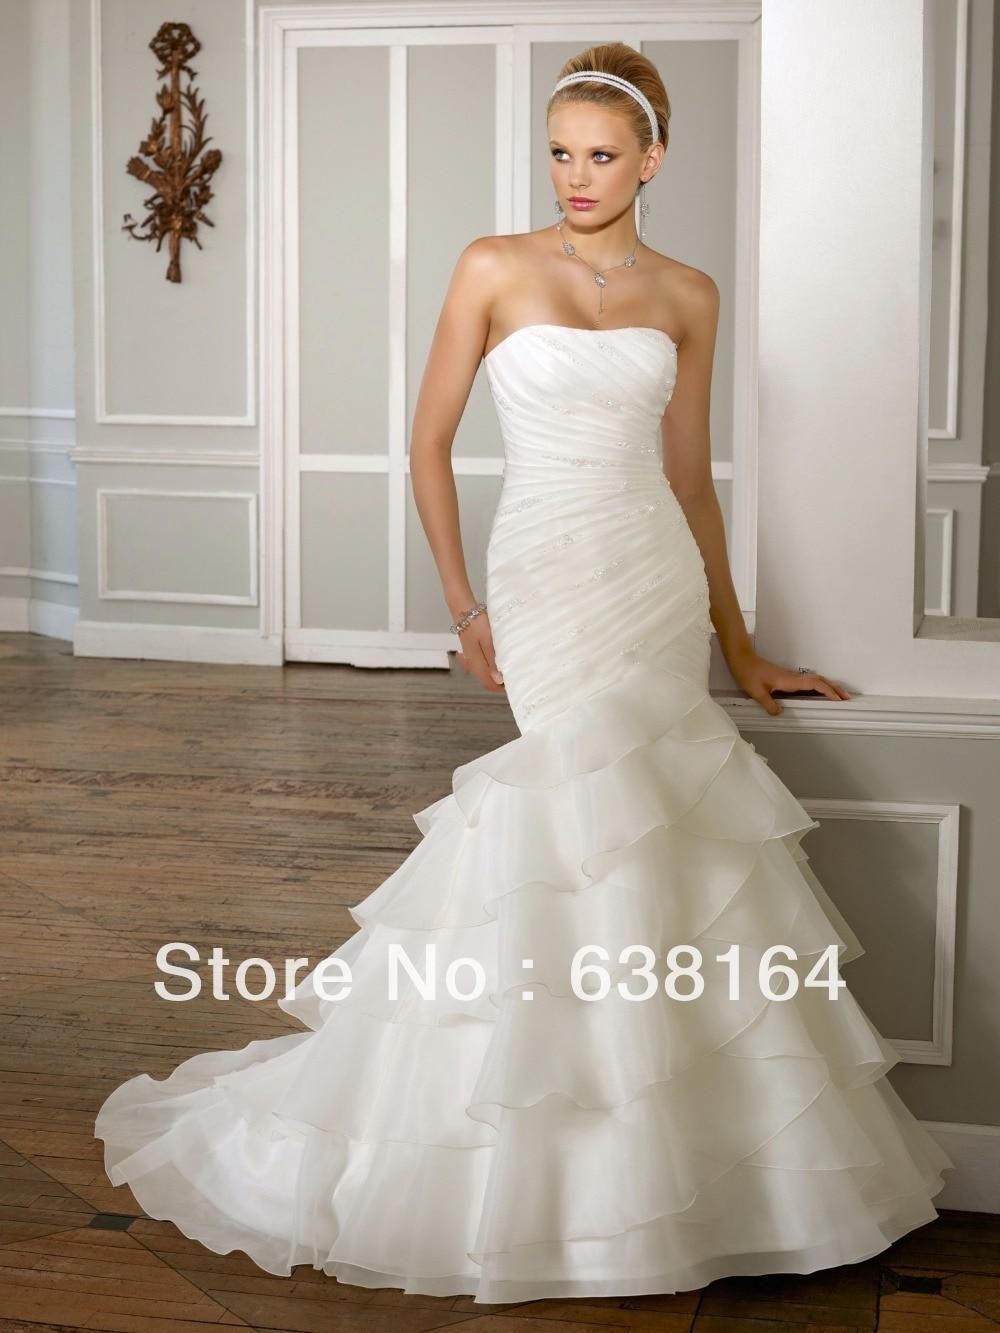 Online Get Cheap Online Cheap Wedding Dresses -Aliexpress.com ...